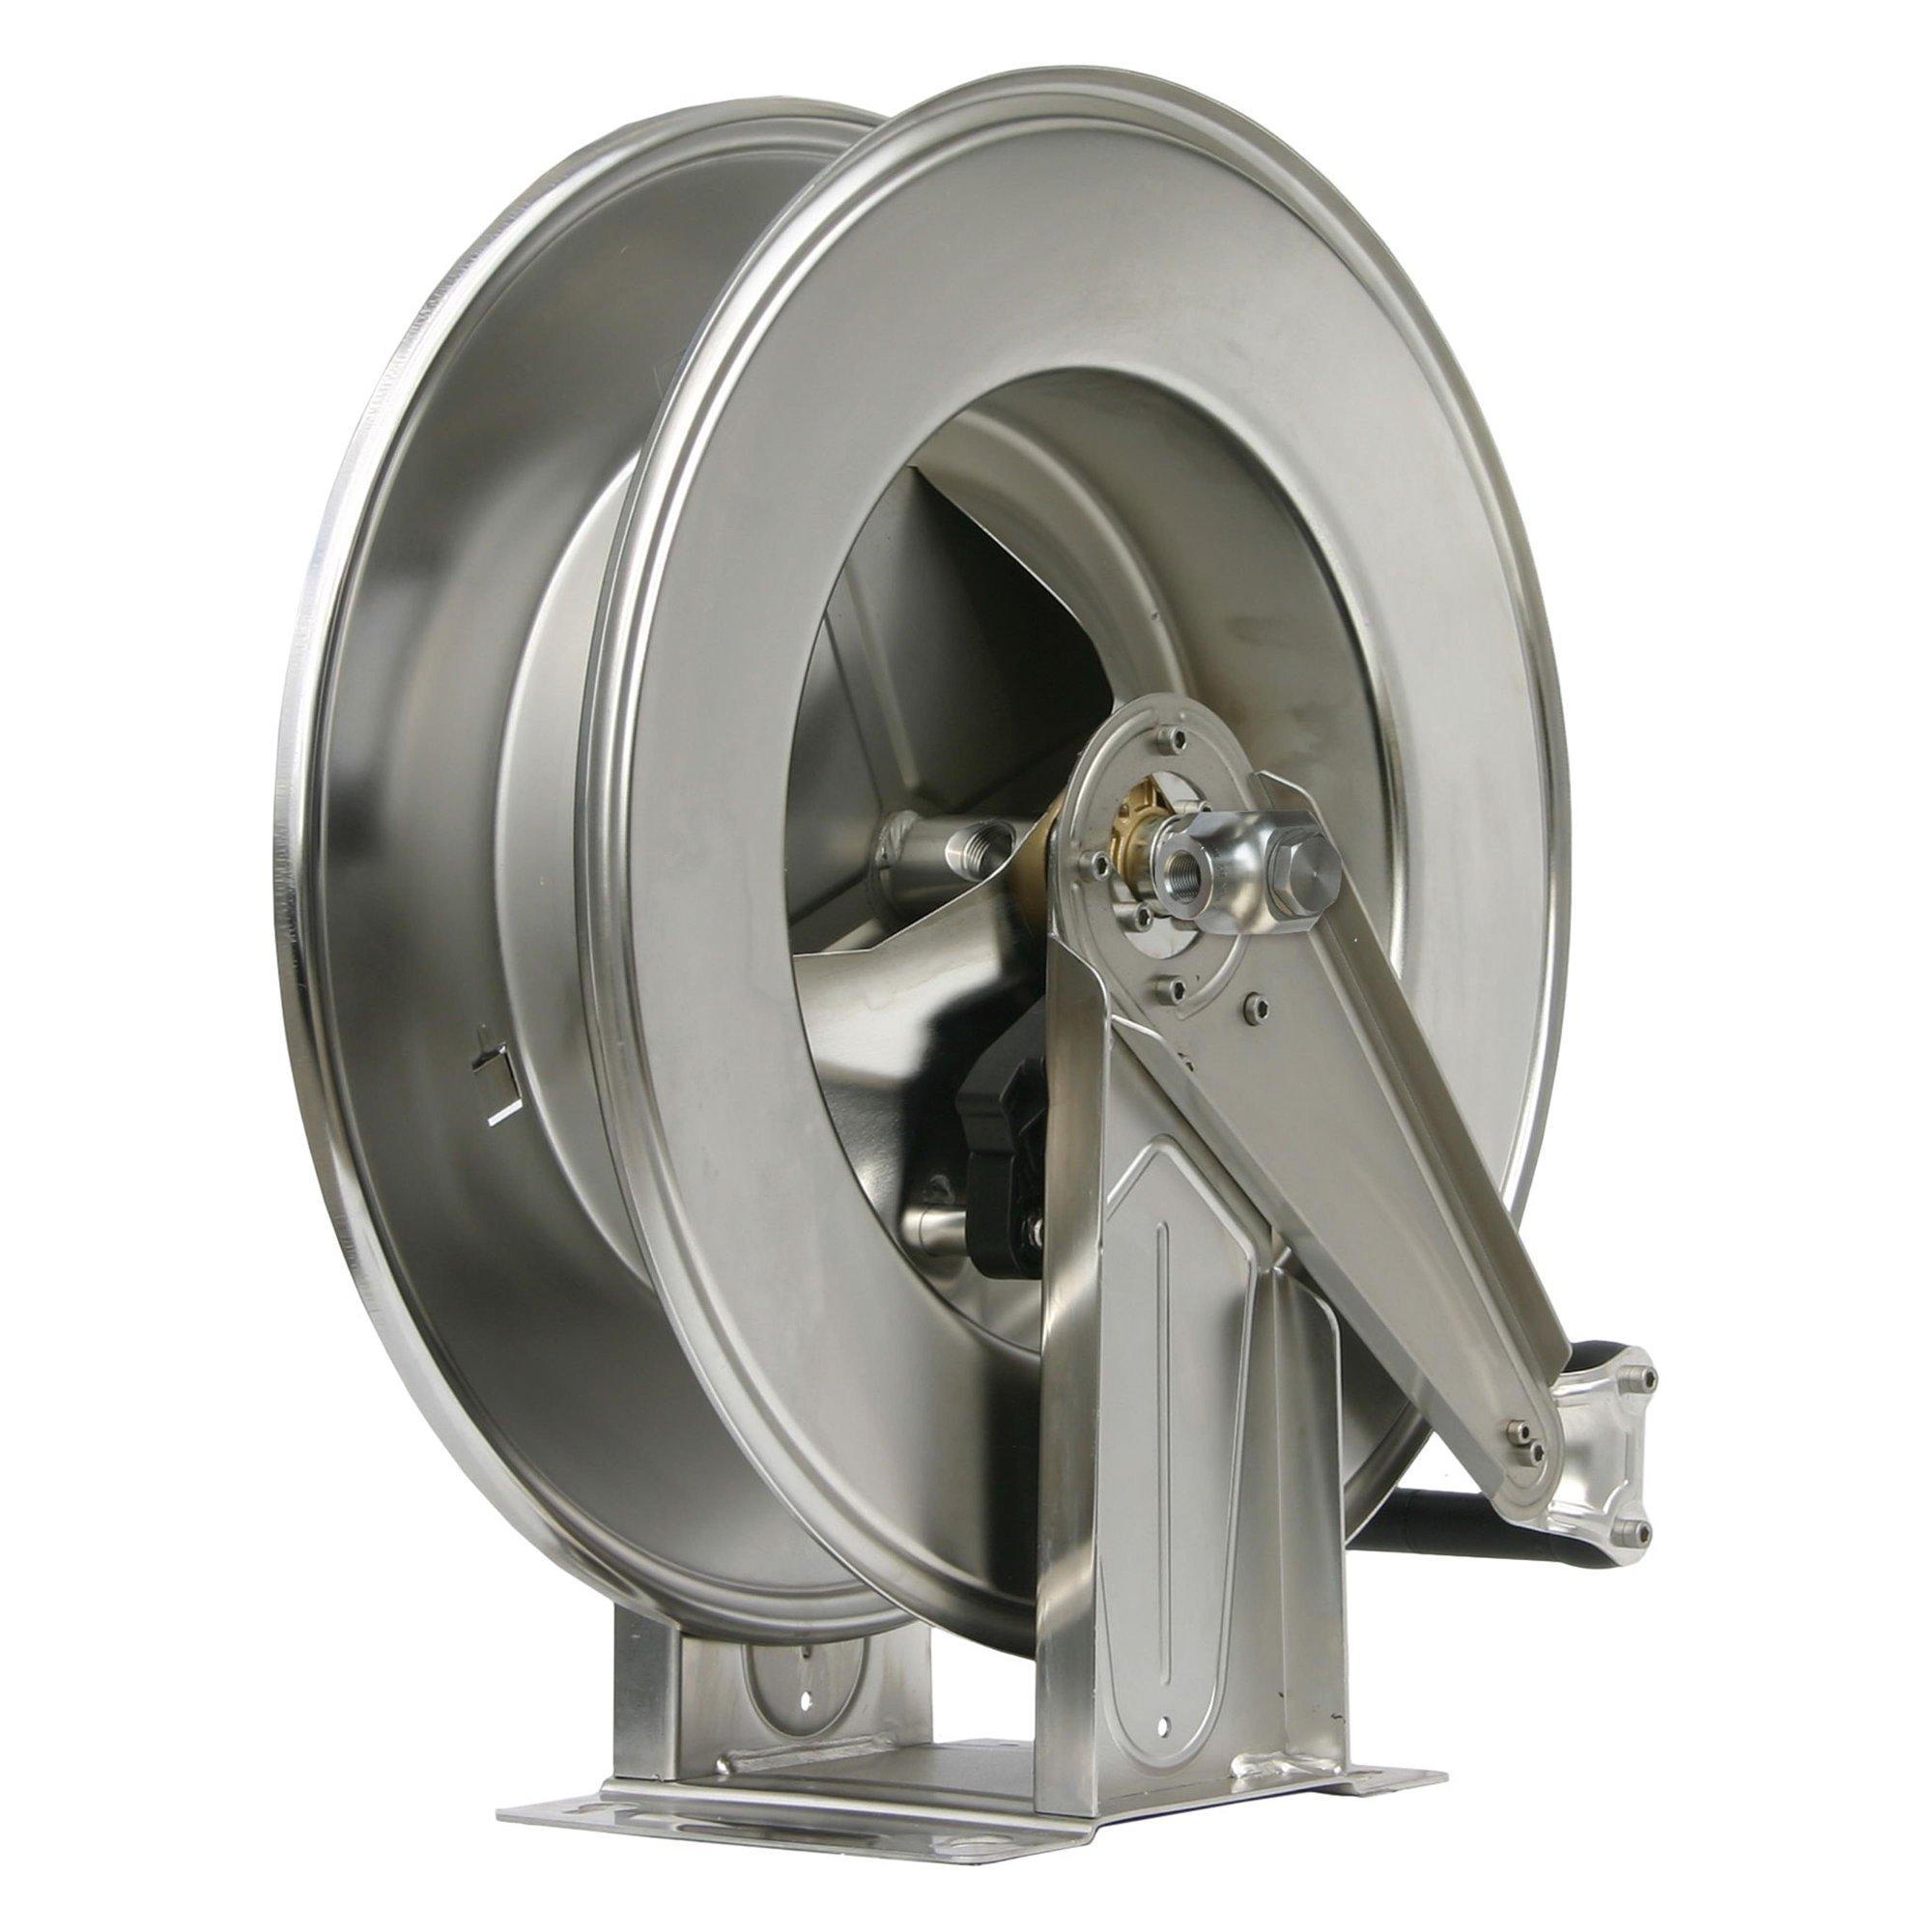 R+M de Wit Schlauchaufroller R+M, max. 300 bar, max. 90°C, Edelstahl Schlauchaufr. 28M. 1/2-1/2IG VA 300 bar |